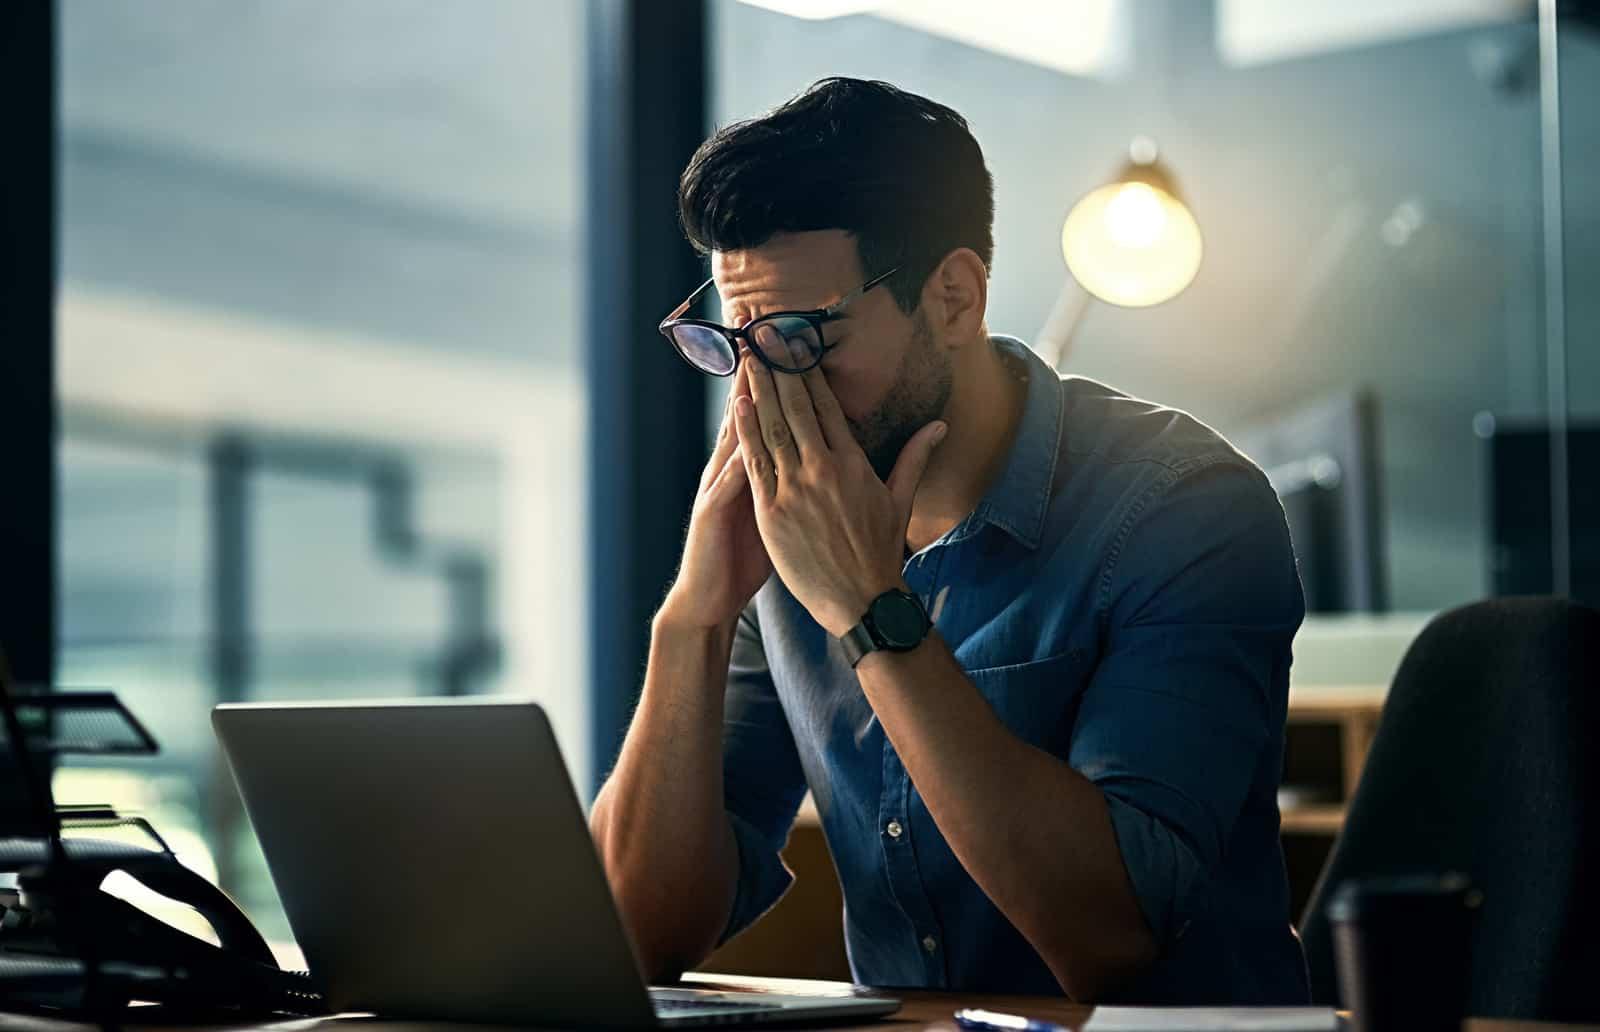 real estate broker burnout